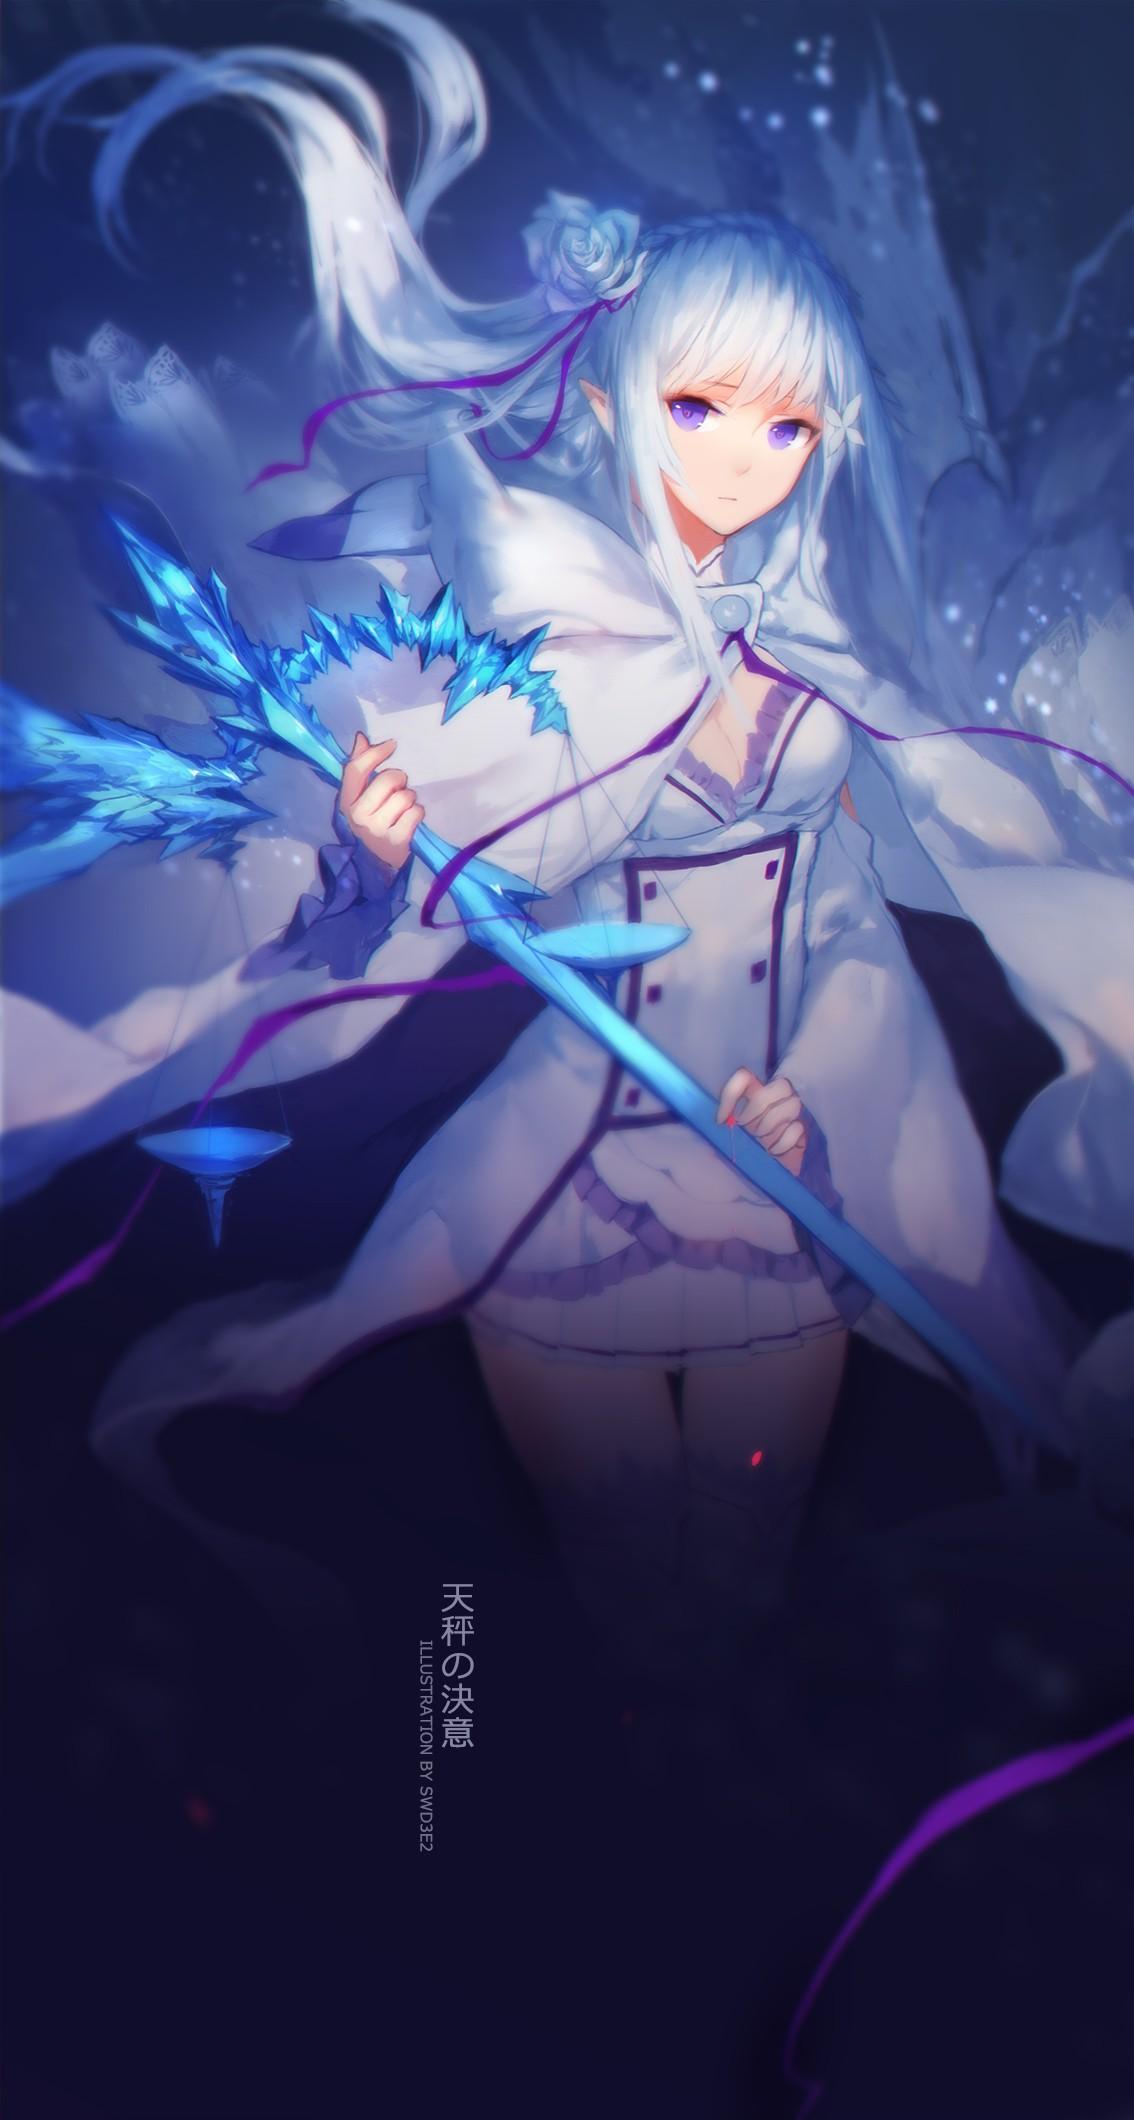 デスクトップ壁紙 長い髪 アニメの女の子 青い髪 武器 エミリア